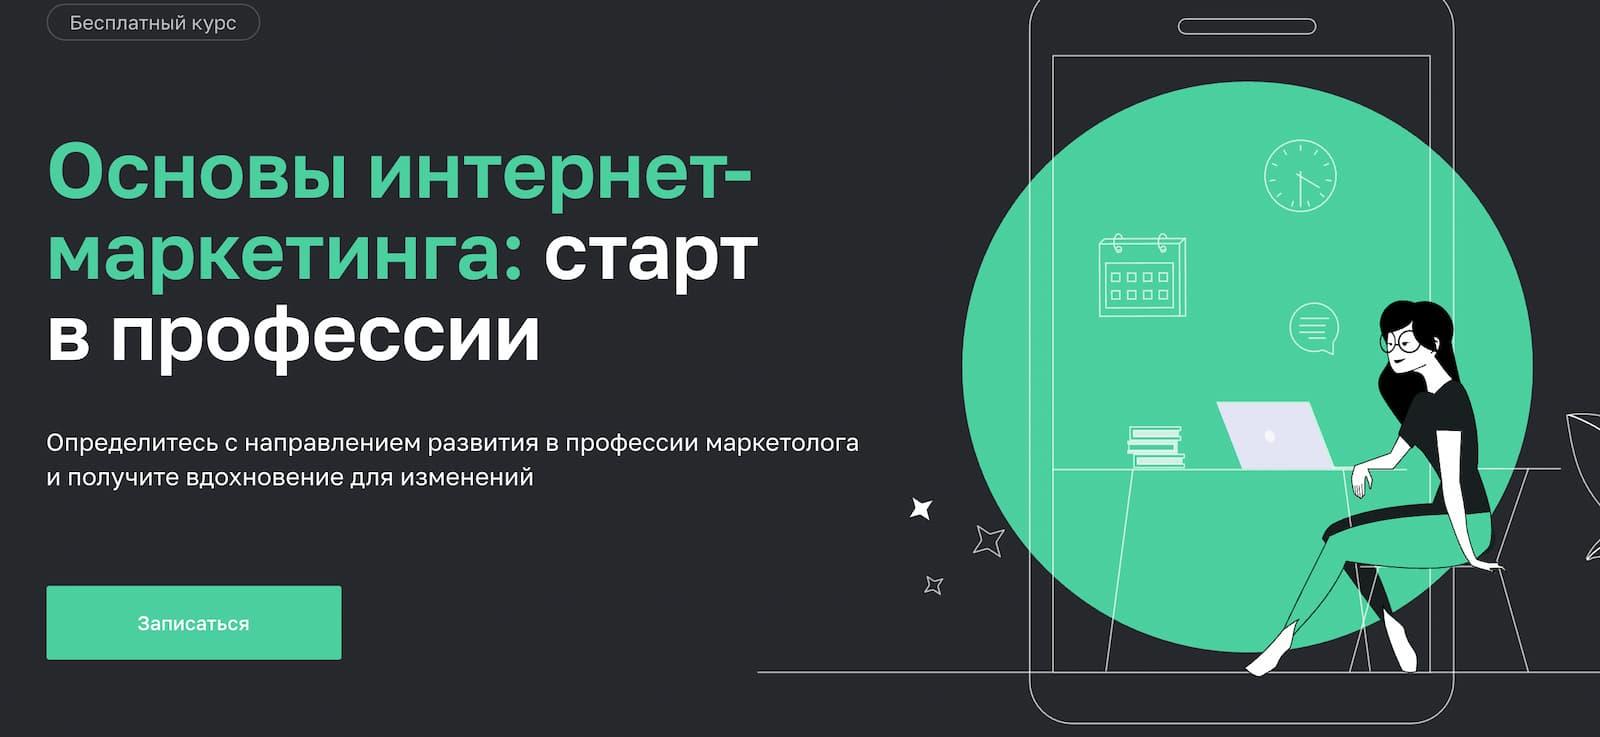 Записаться на курс «Основы интернет-маркетинга: старт в профессии» от Нетологии